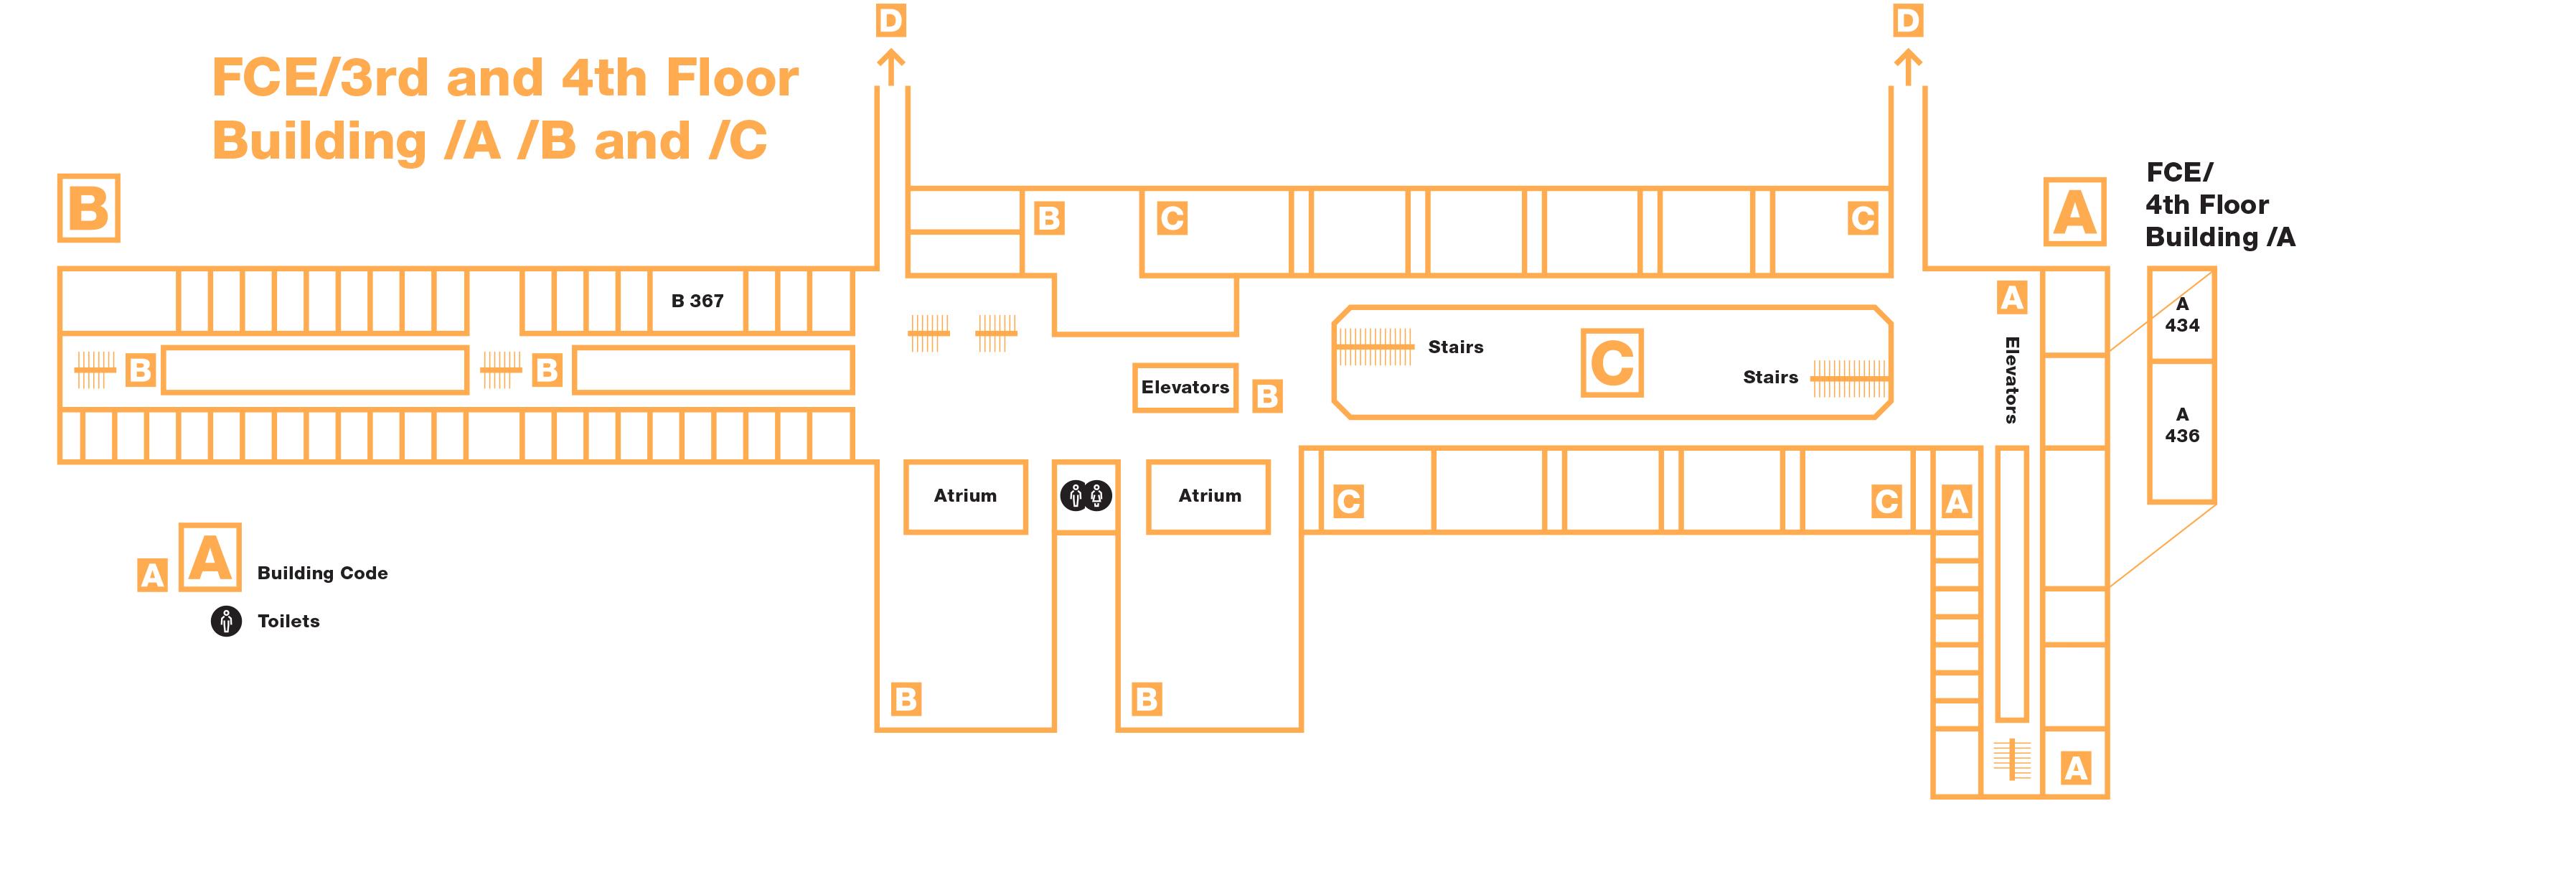 FCE - 3rd-4th floor - A, B, C